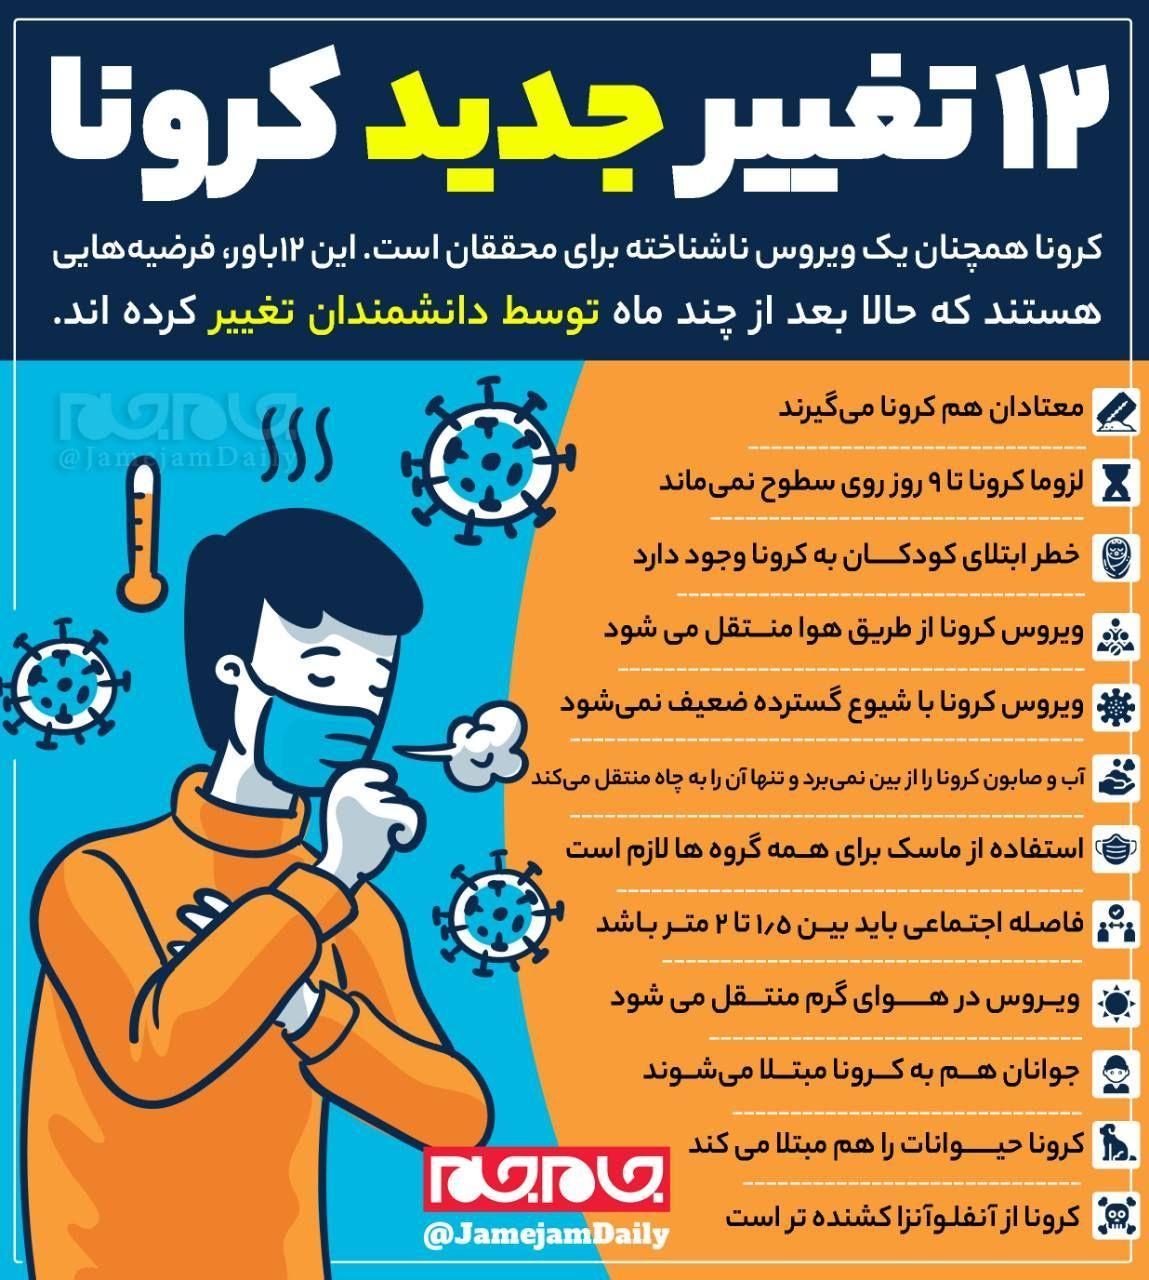 ۱۲ تغییر جدید ویروس کرونا